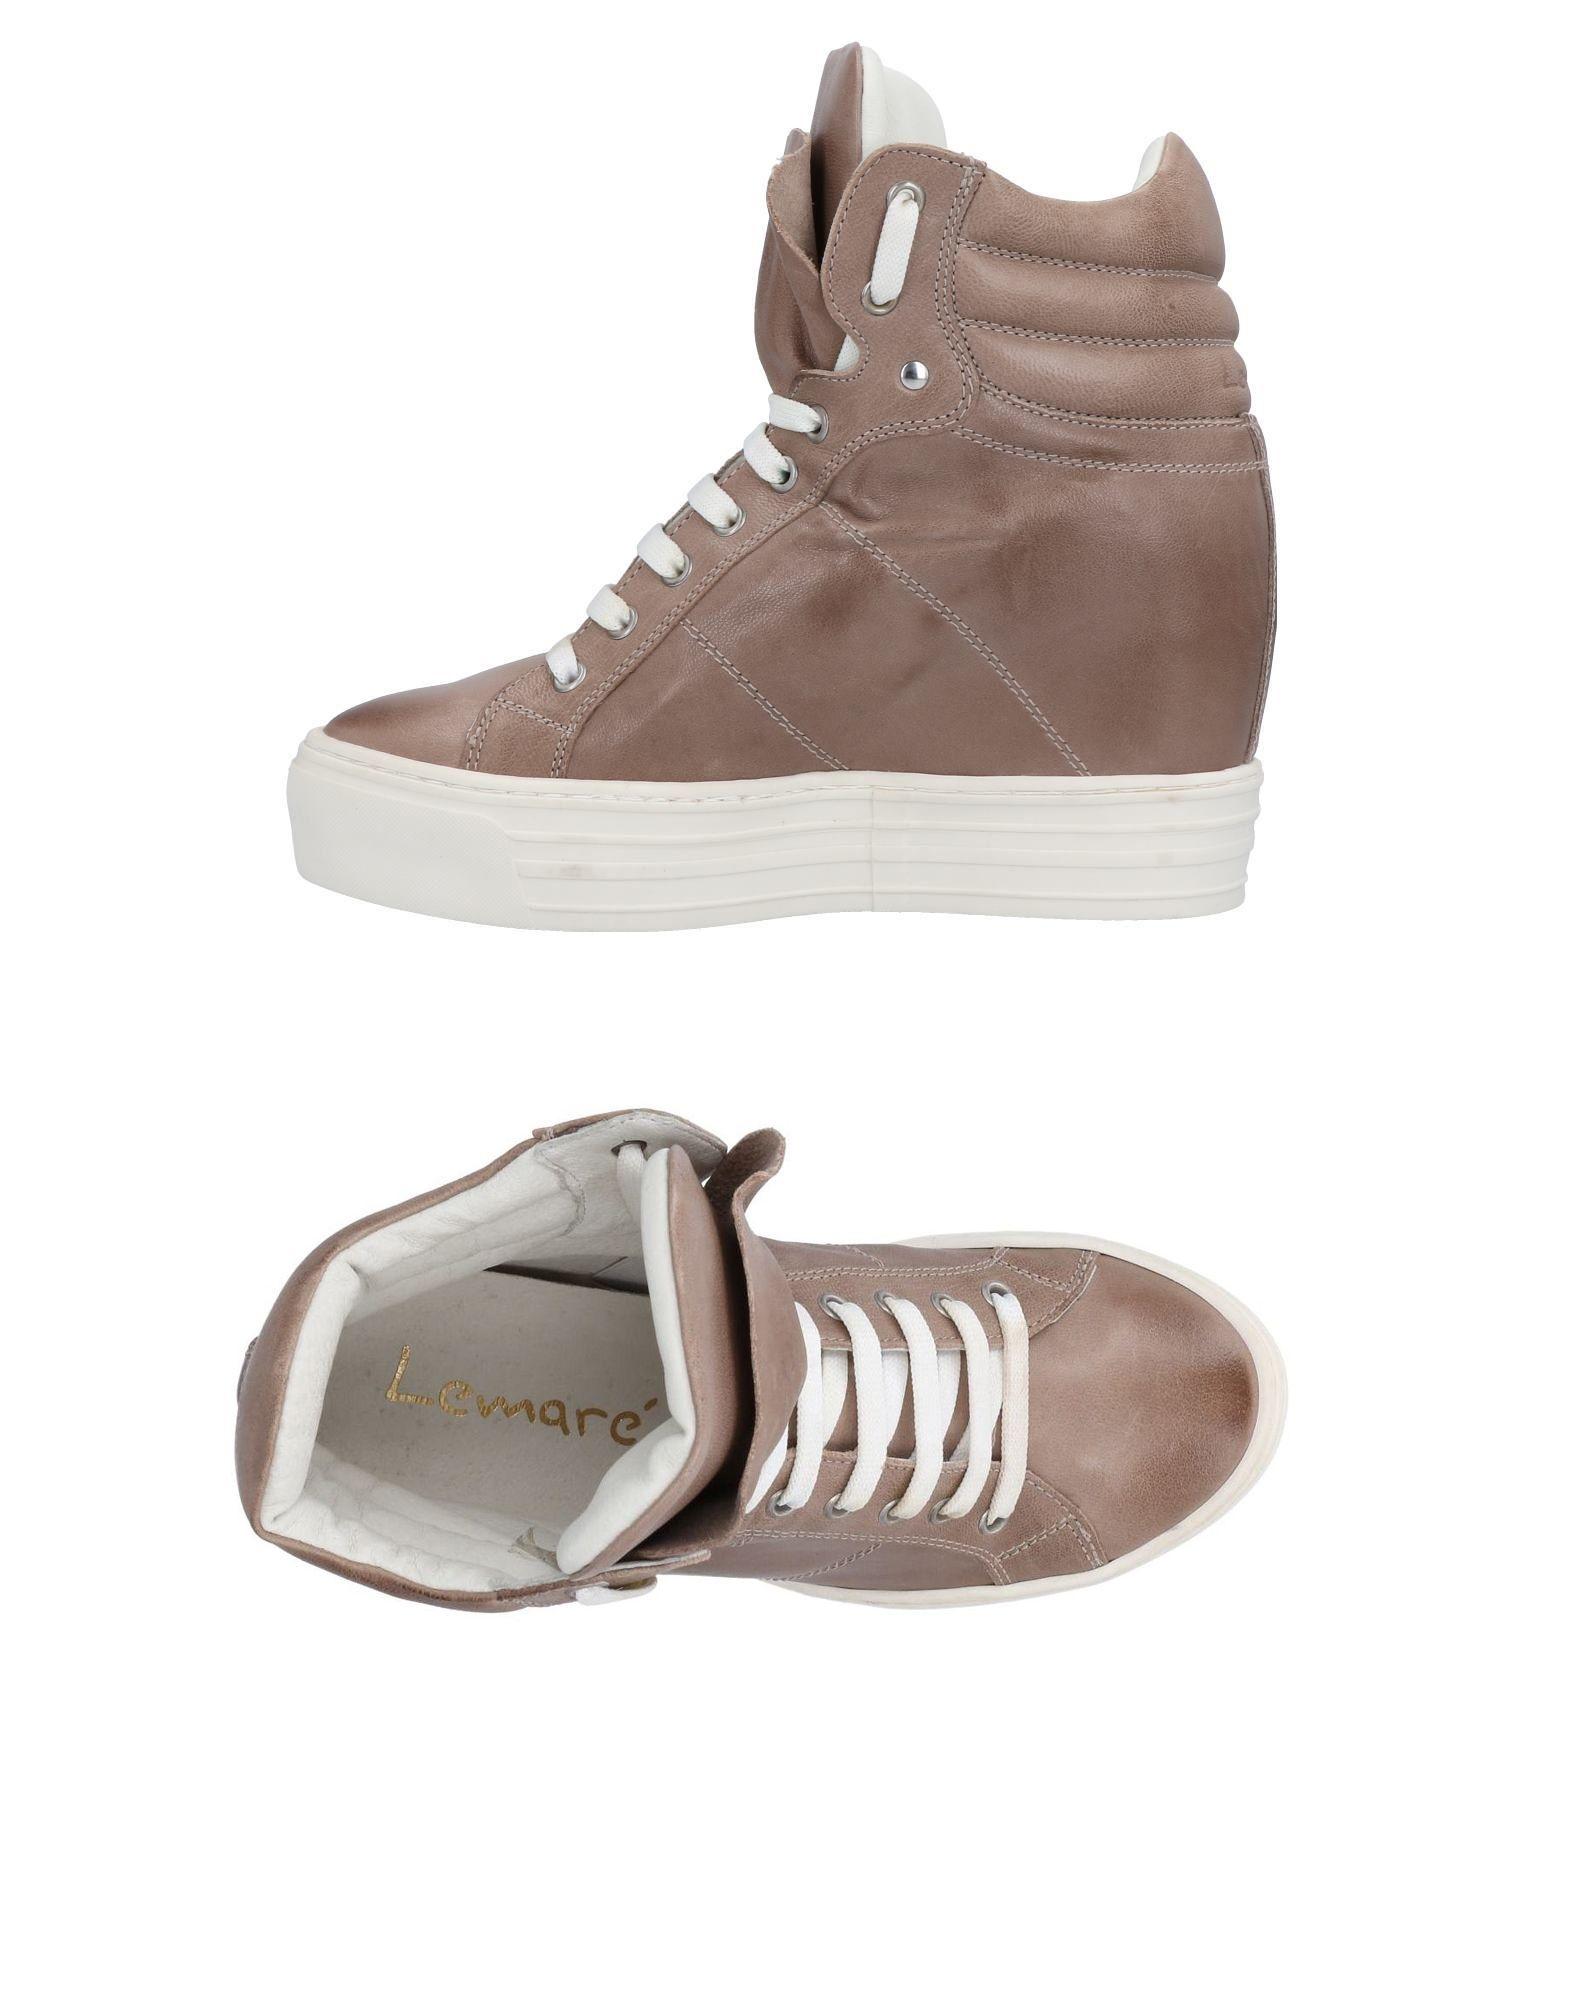 Scarpe economiche e resistenti Sneakers Lemaré Donna - 11257426PA